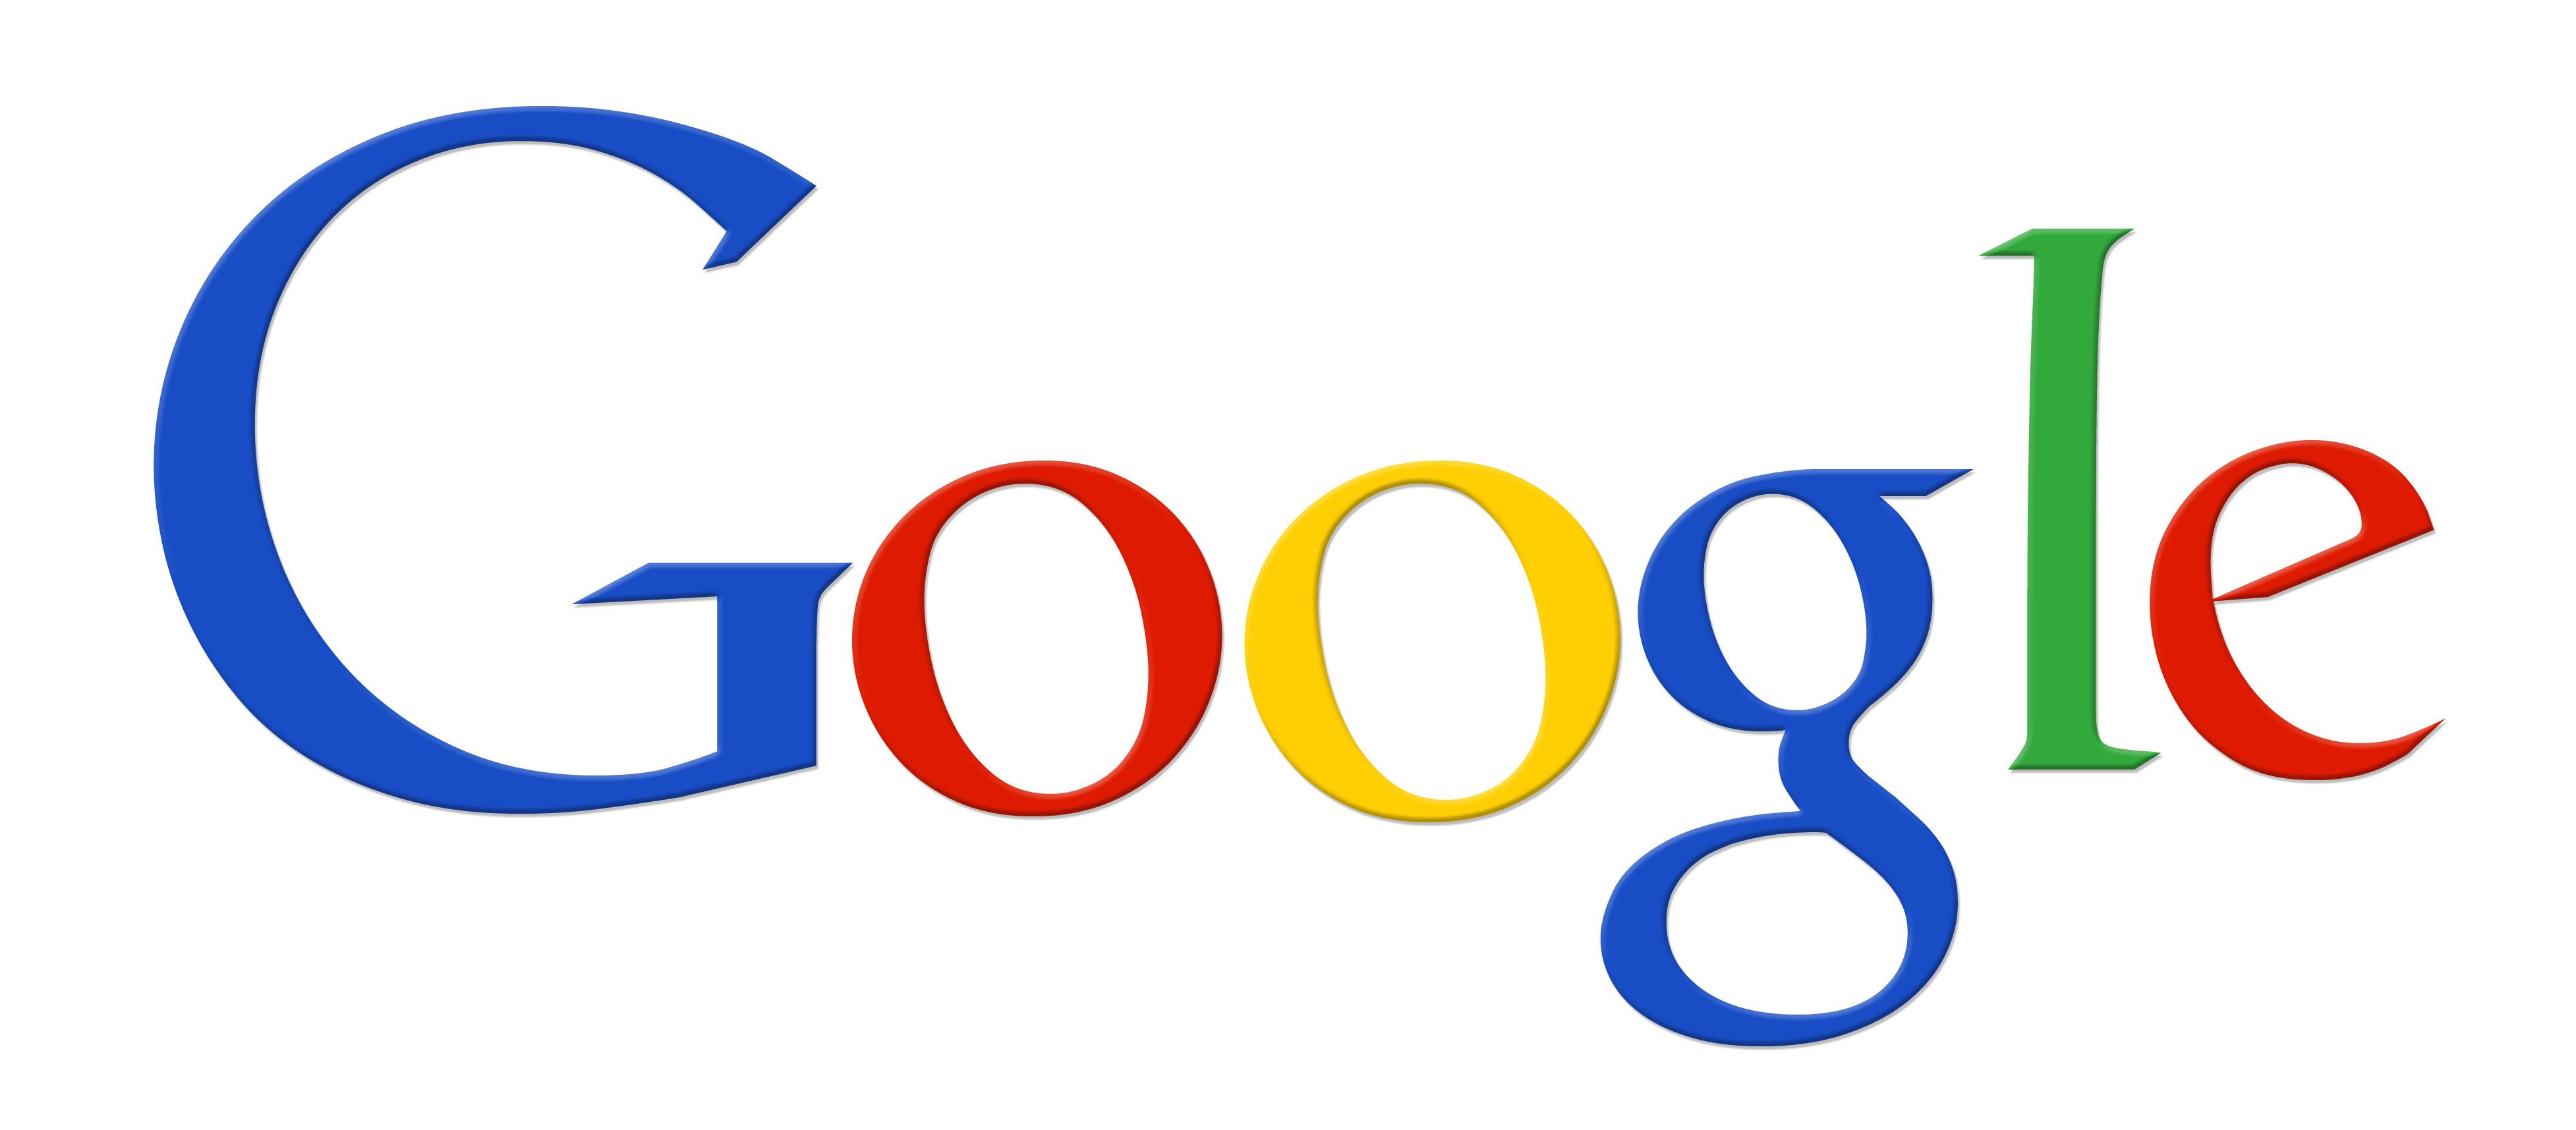 Bie shërbimi i Google në disa pjesë të botës